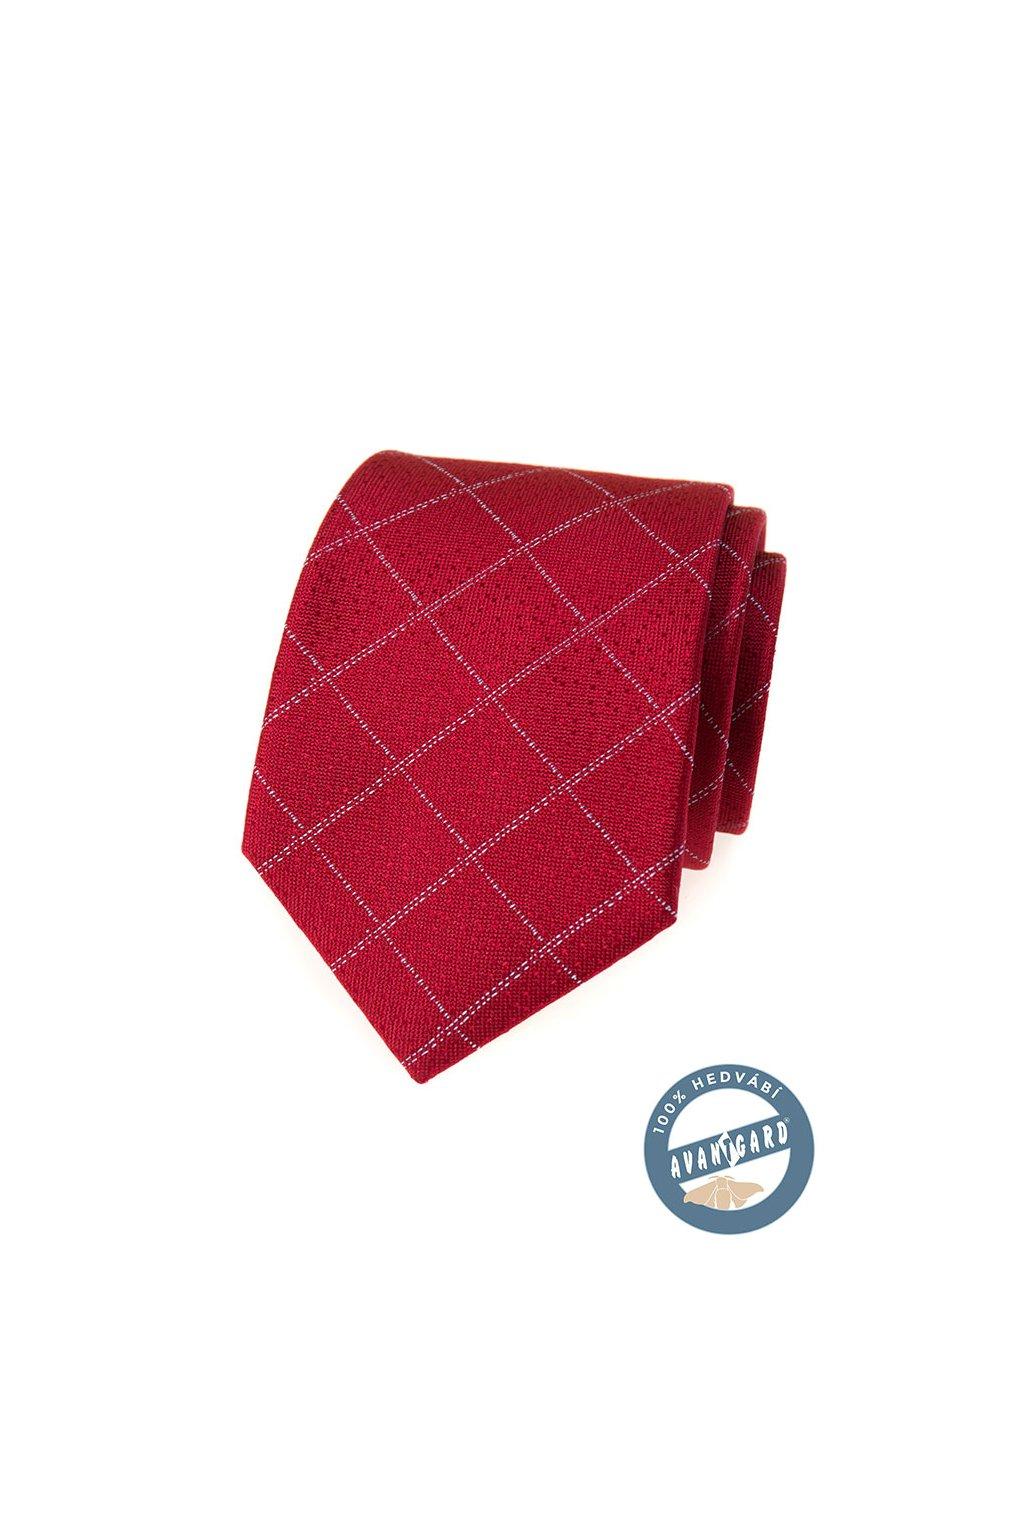 Kravata hedvábná v dárkové krabičce červená 621 - 7735